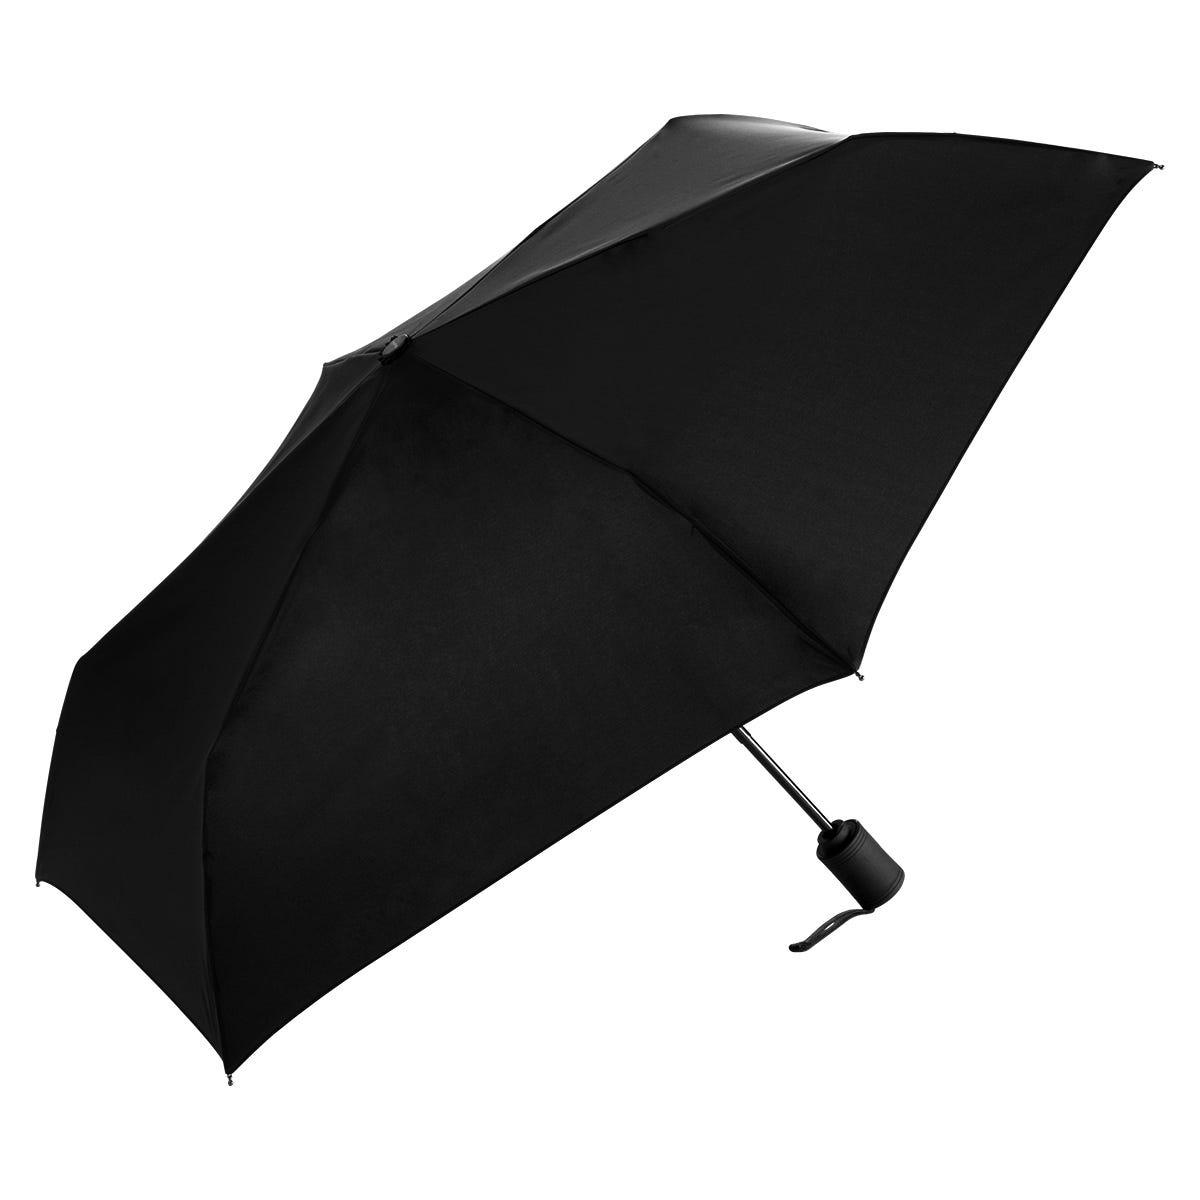 Paraguas automático Shedrain® compacto en negro